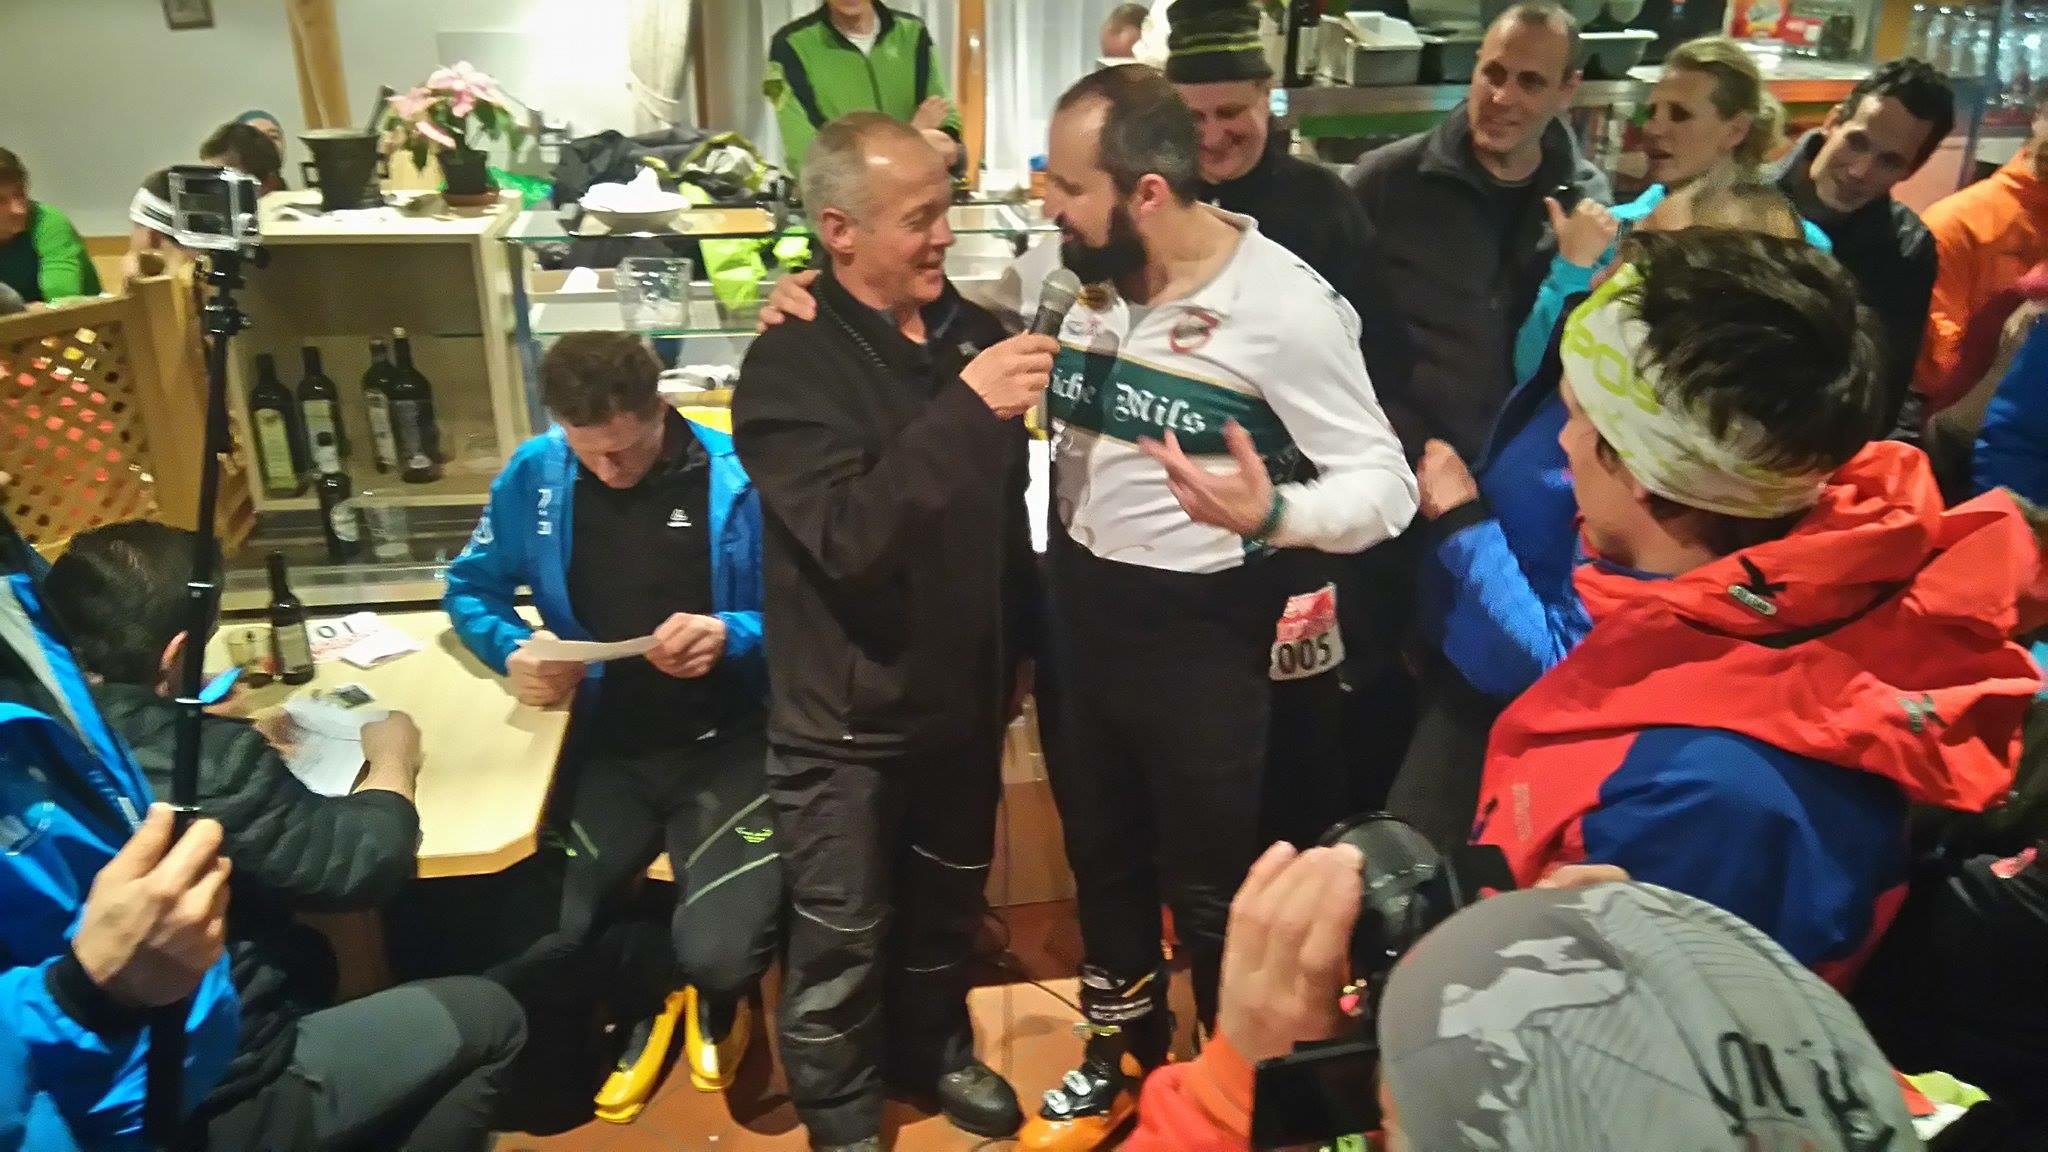 160303-100kg-skitouren-rennen-ahrntal-10